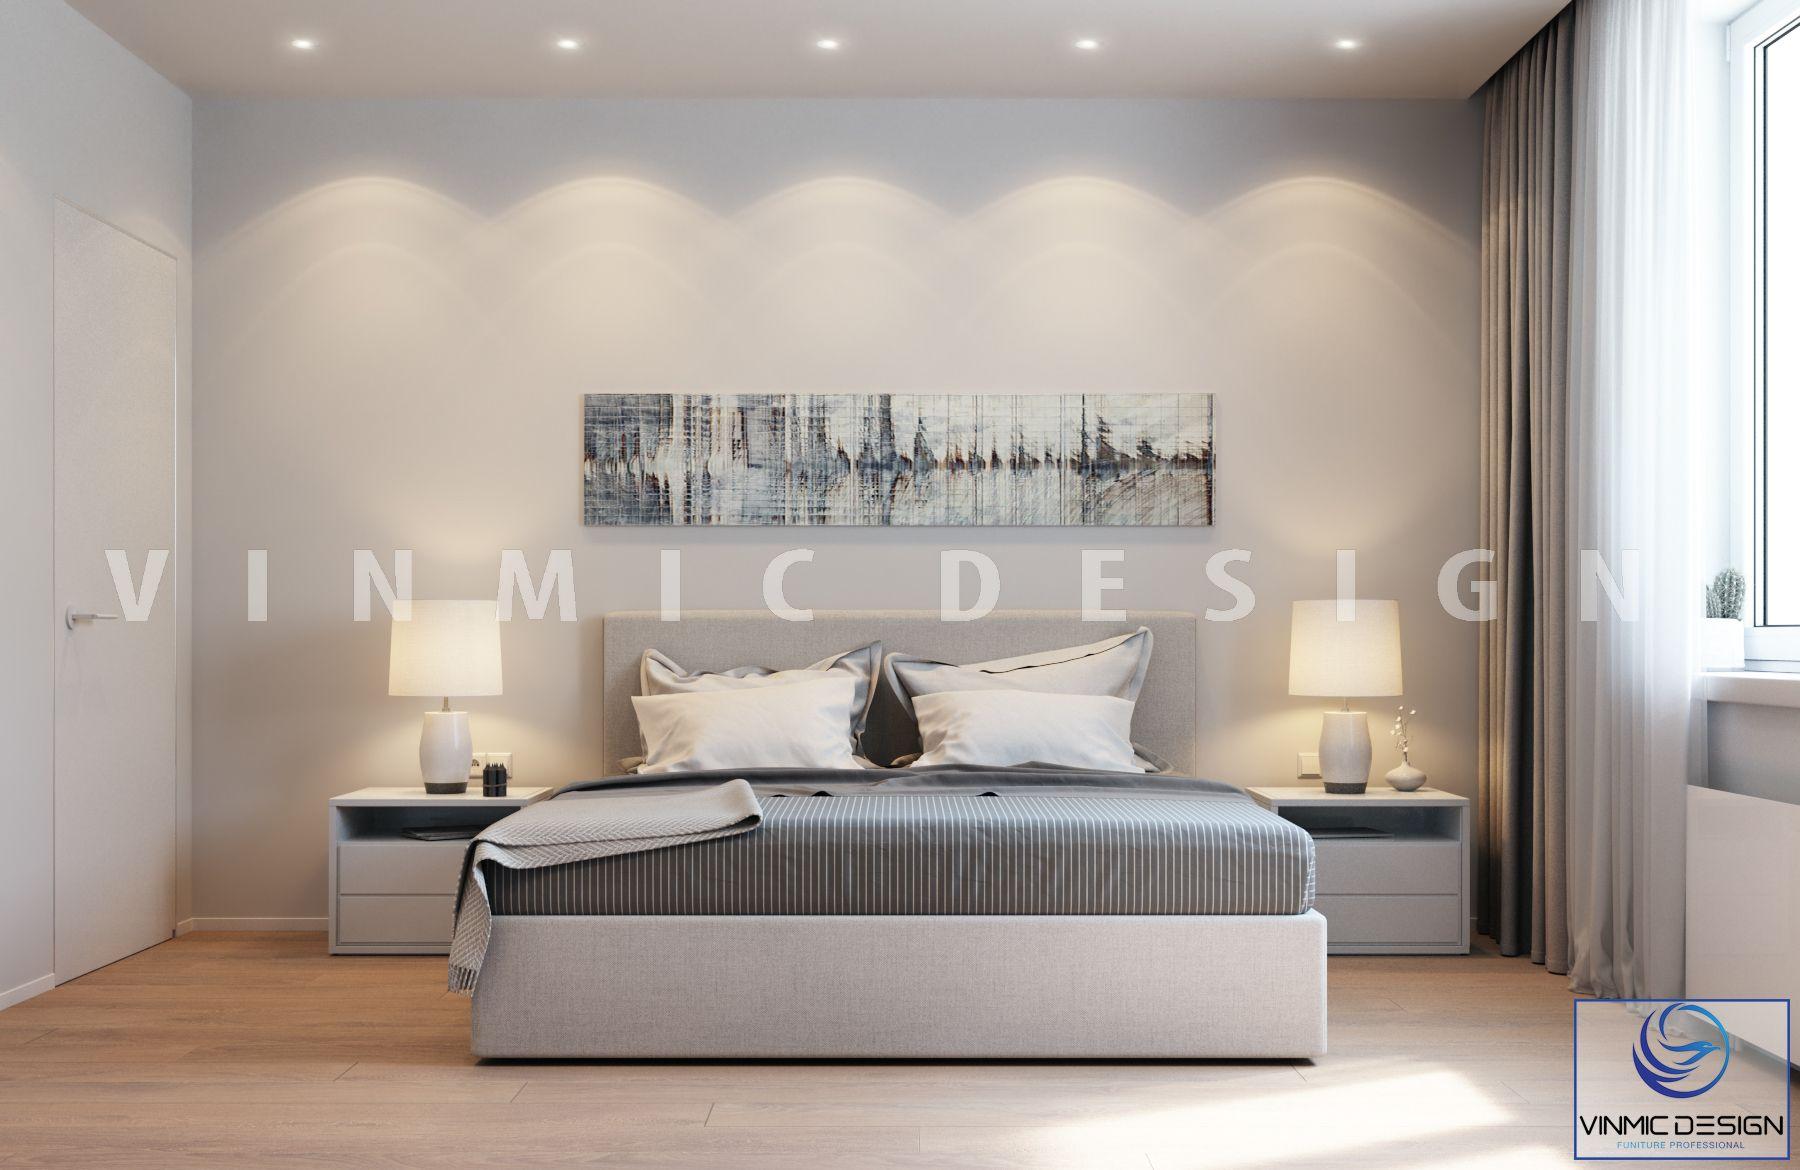 Thiết kế nội thất phòng ngủ tone màu trung tính hiện đại